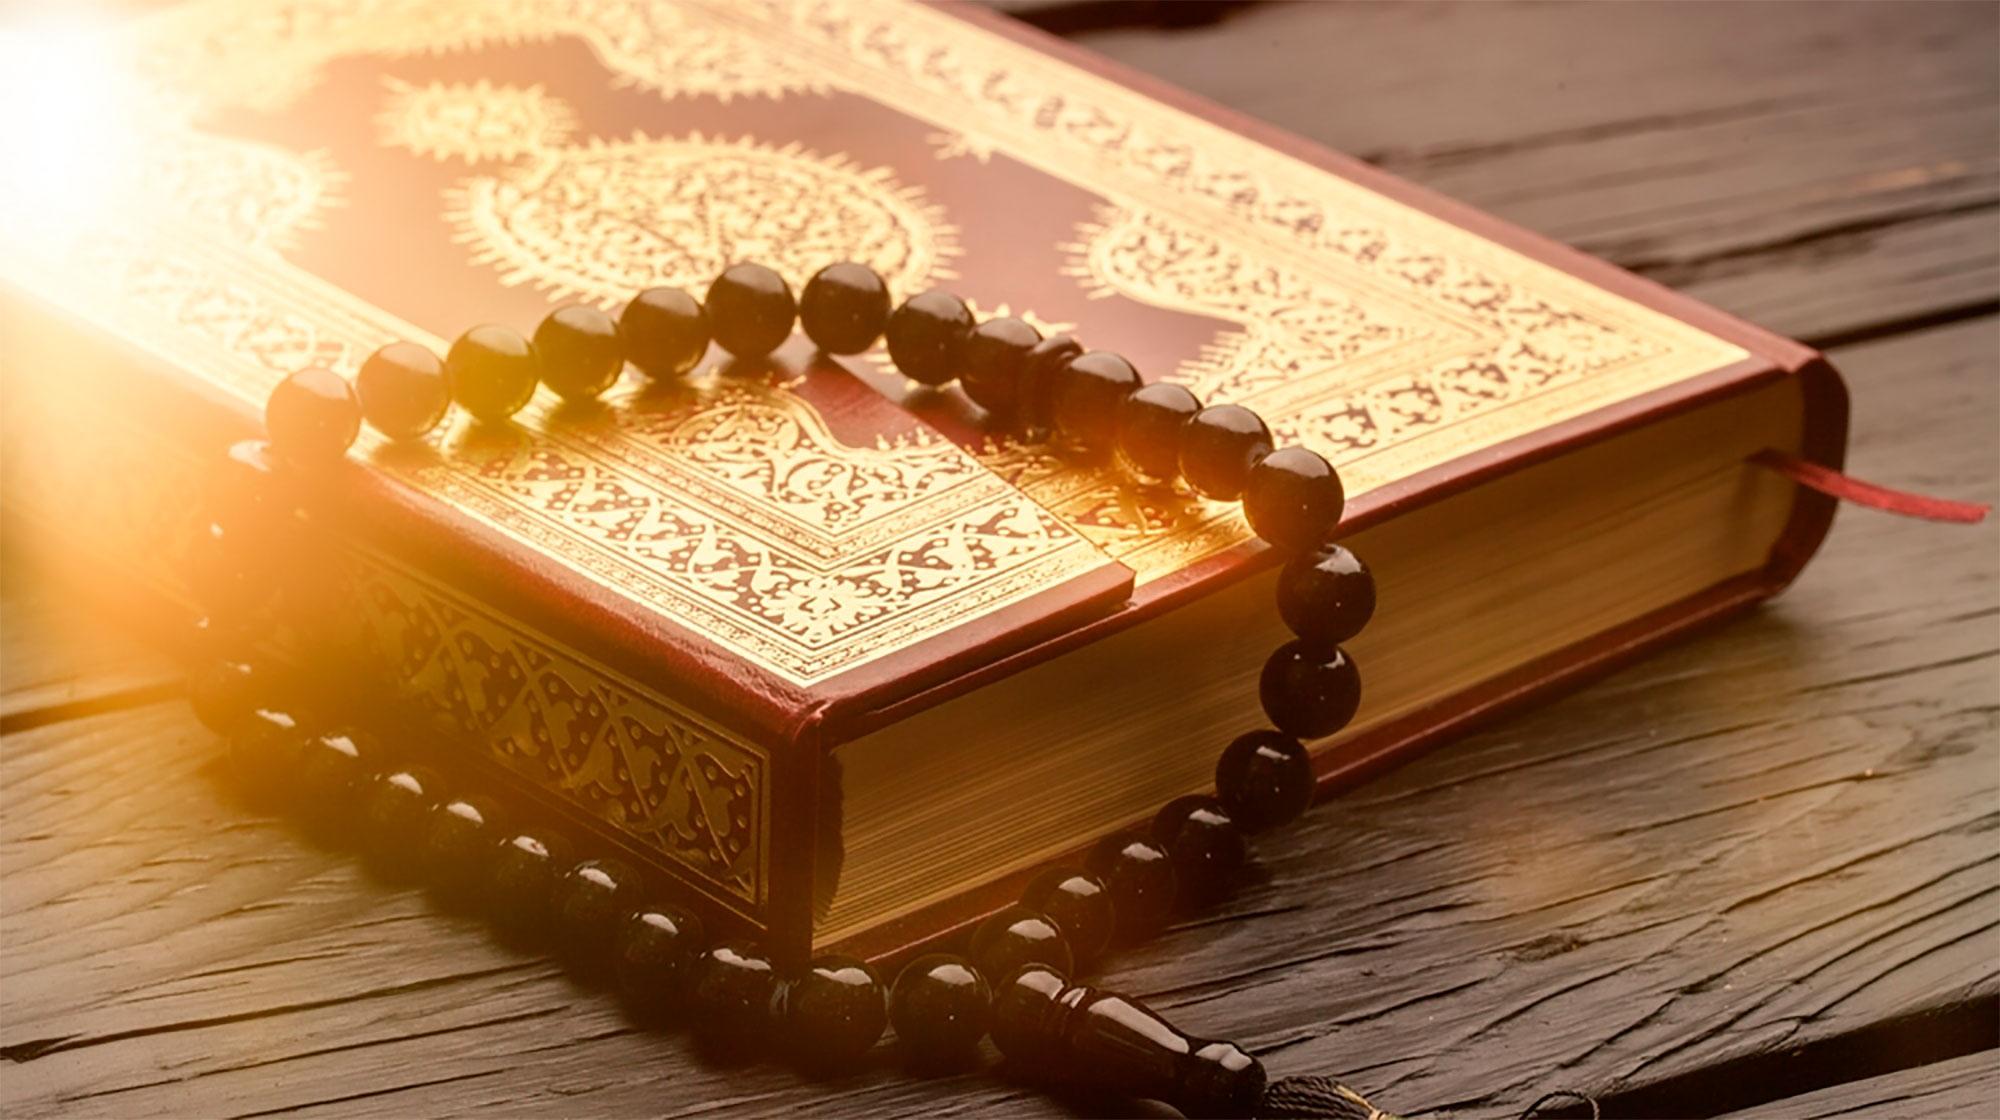 Kadir Gecesi Ramazan ayının hangi gününe denk geliyor? Kadir Gecesi ne zaman? 2021 Kadir gecesi ne zaman?